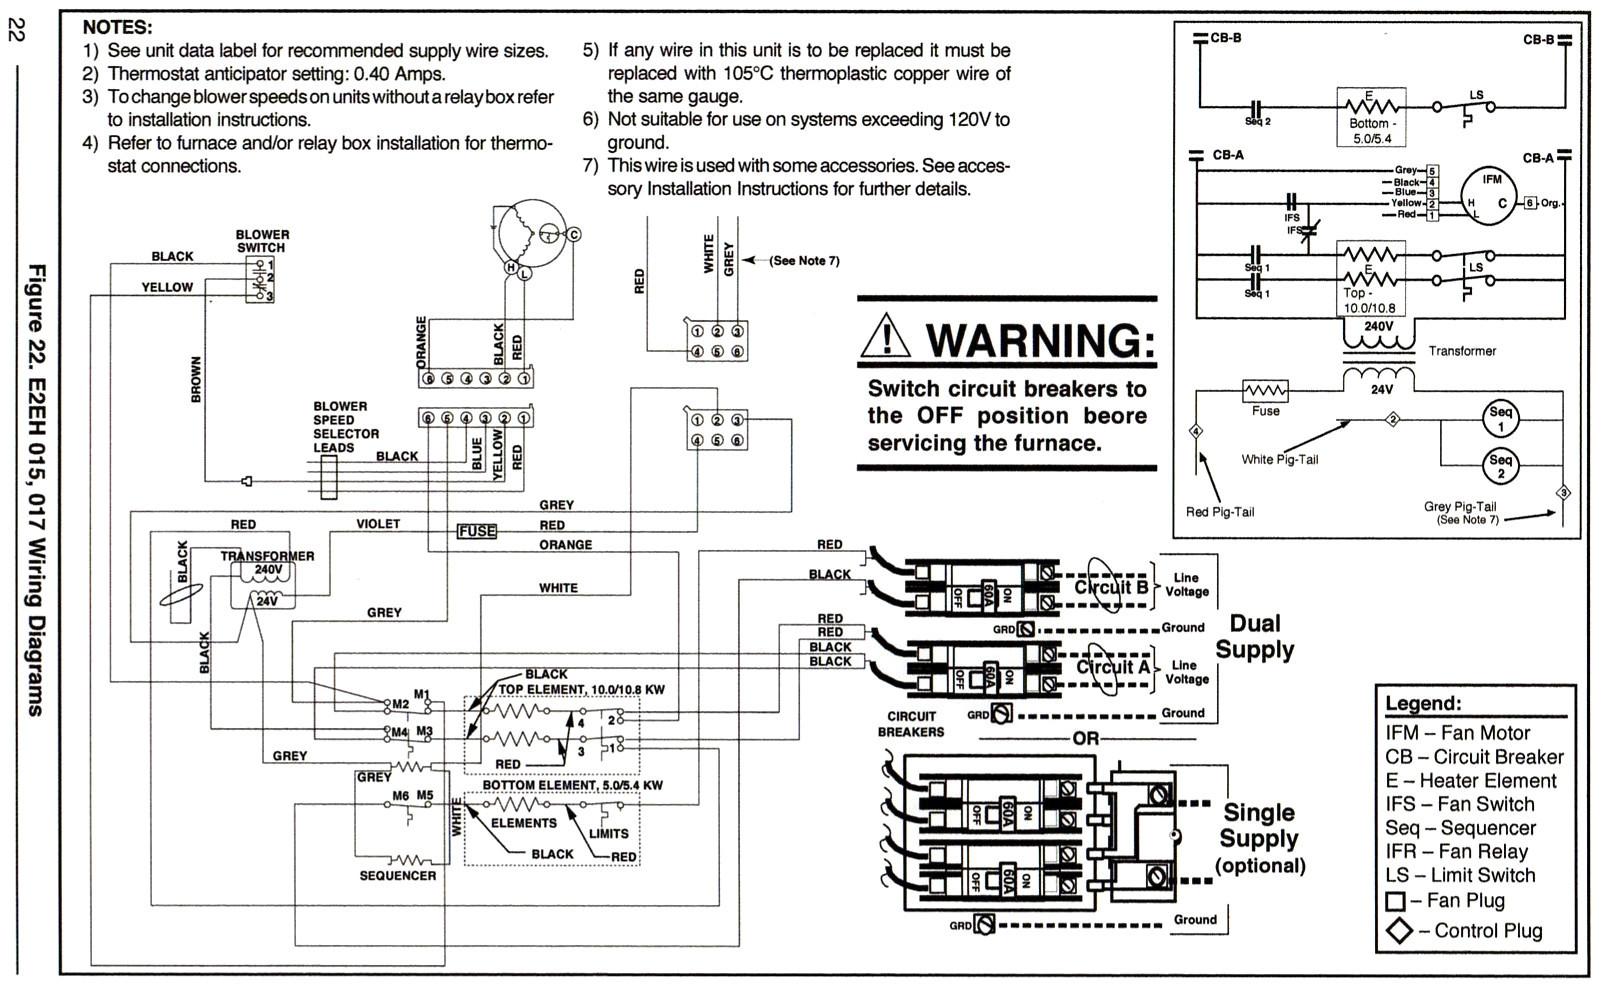 goodman hkr 10 wiring diagram Collection-10 Wiring Goodman Wiring Diagram Blurts Me Exceptional Hkr 17-h